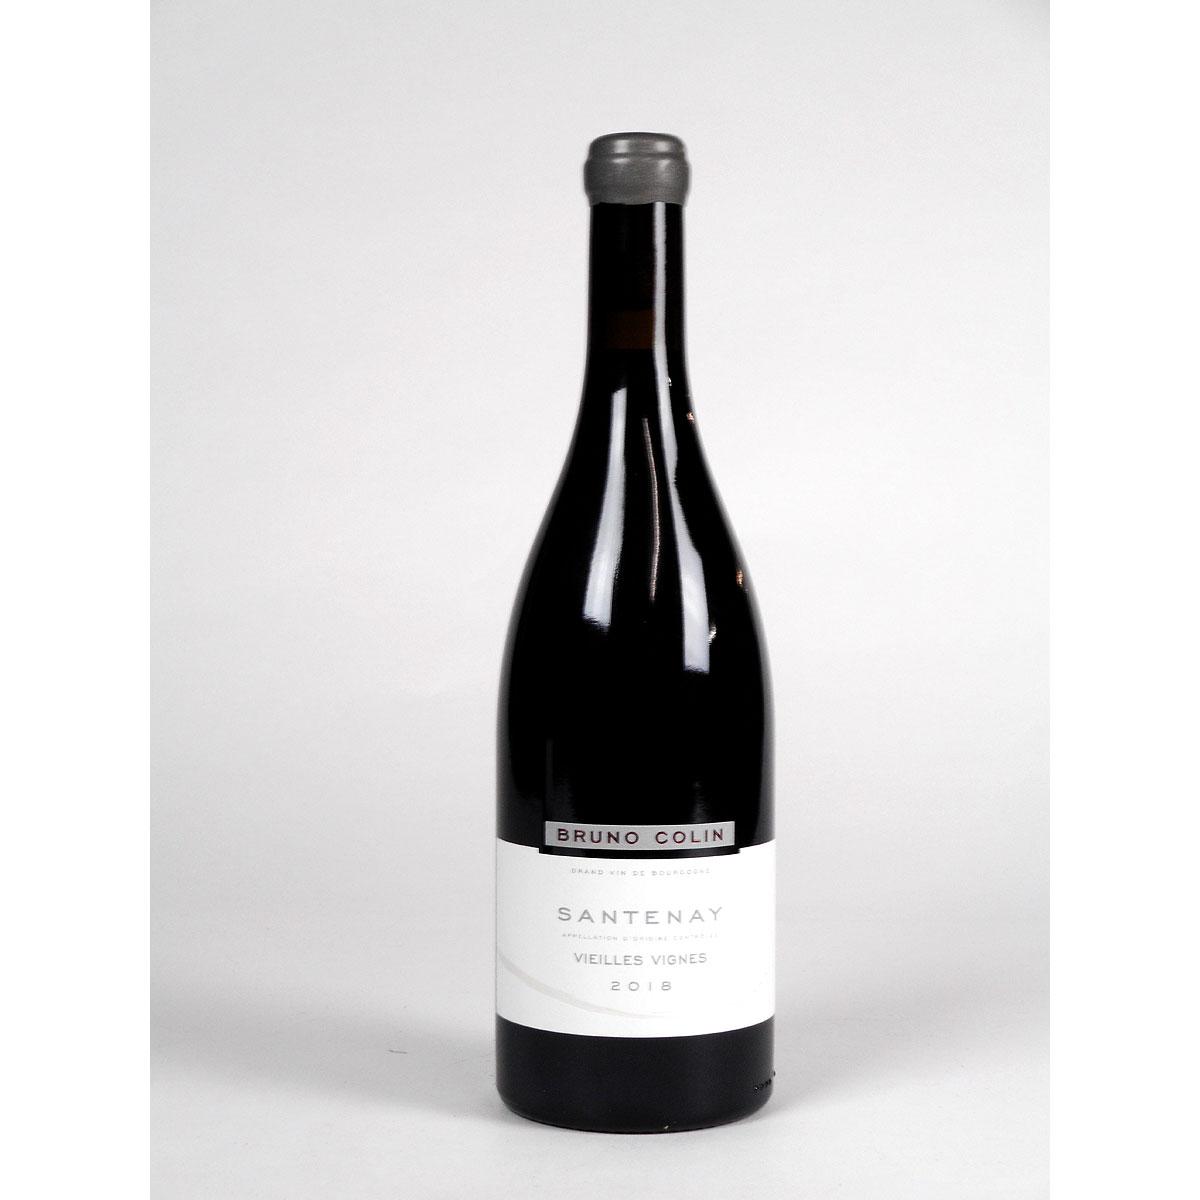 Santenay: Domaine Bruno Colin 'Vieilles Vignes' 2018 - Bottle